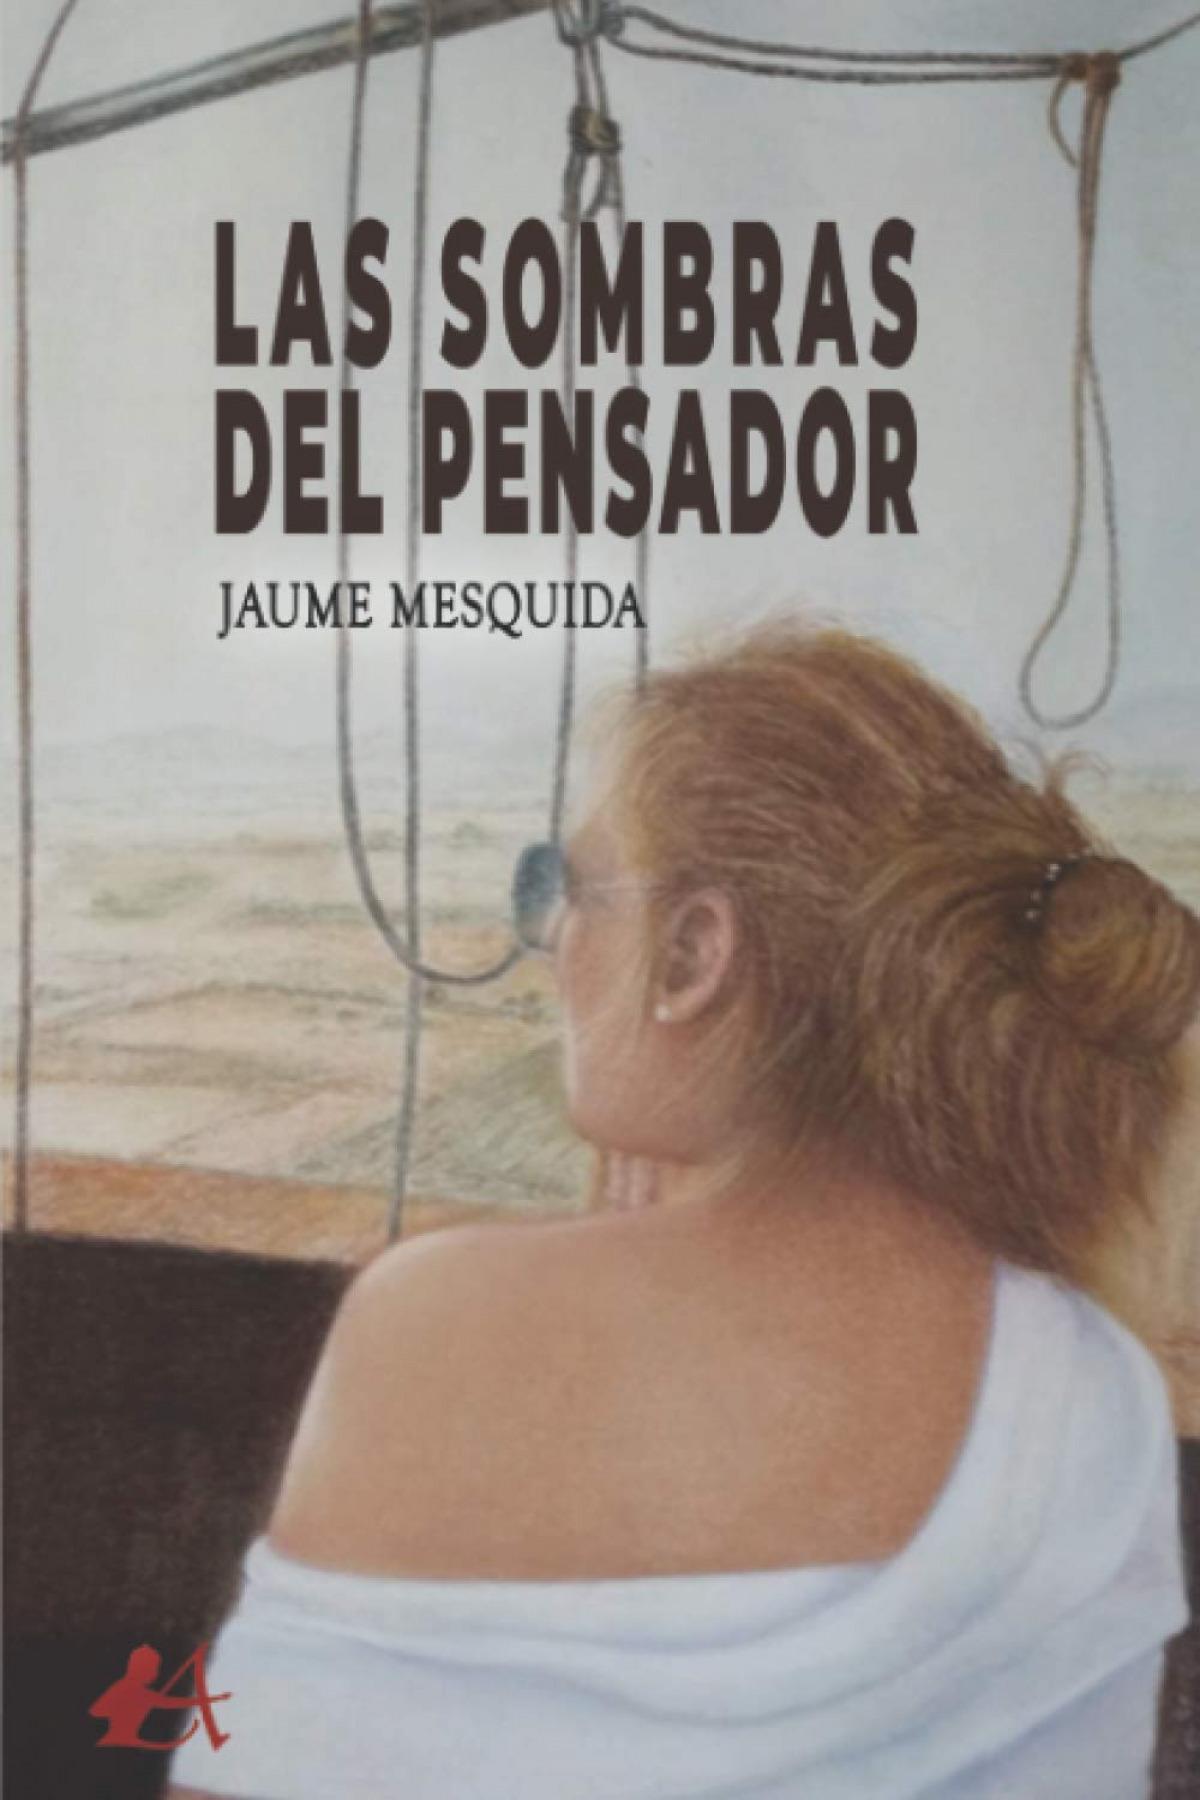 LAS SOMBRAS DEL PENSADOR